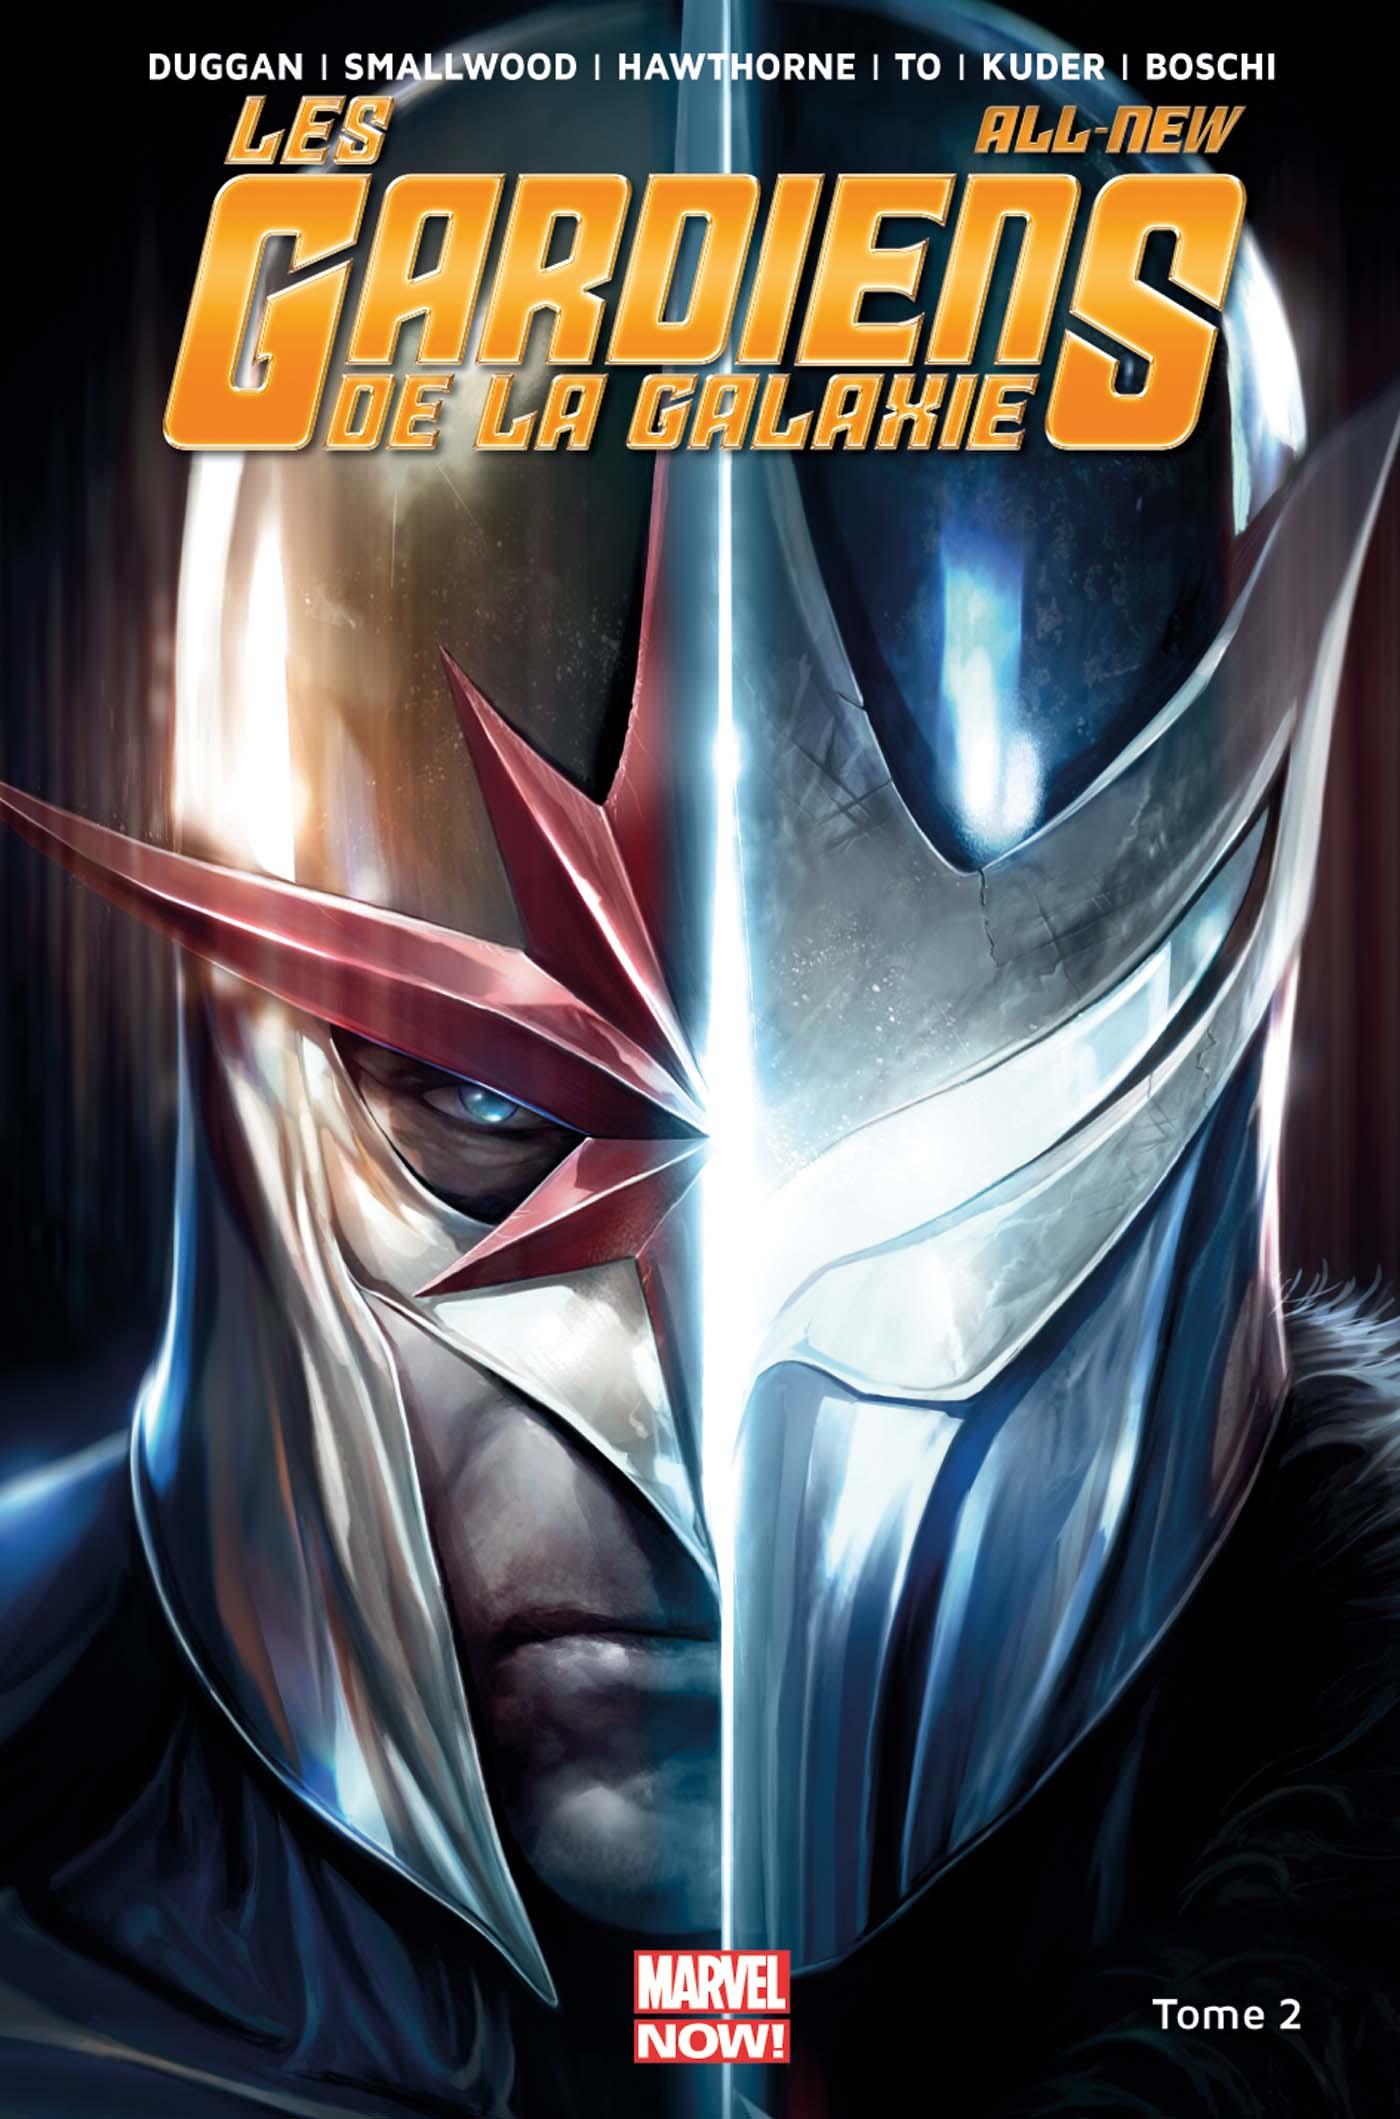 ALL-NEW LES GARDIENS DE LA GALAXIE TOME 2 (VF)